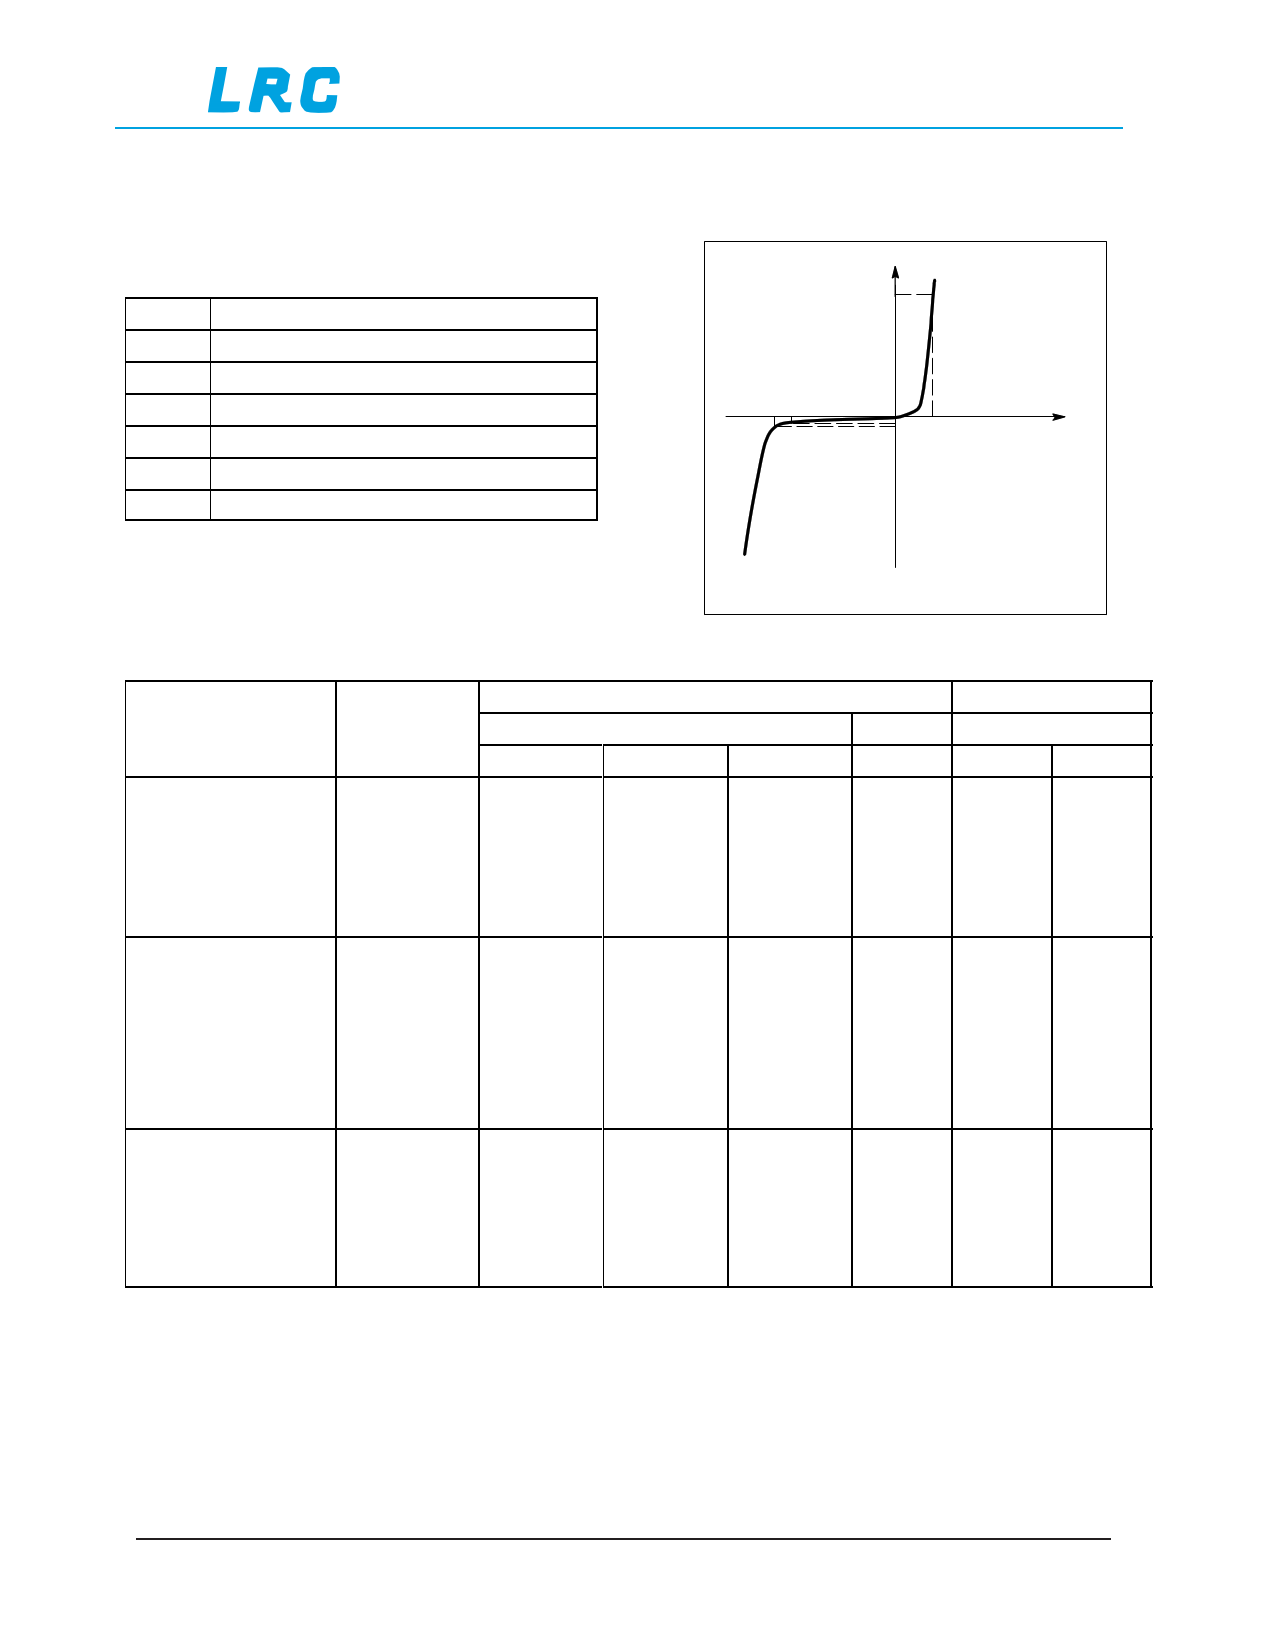 LMSZ4684ET1G pdf, schematic